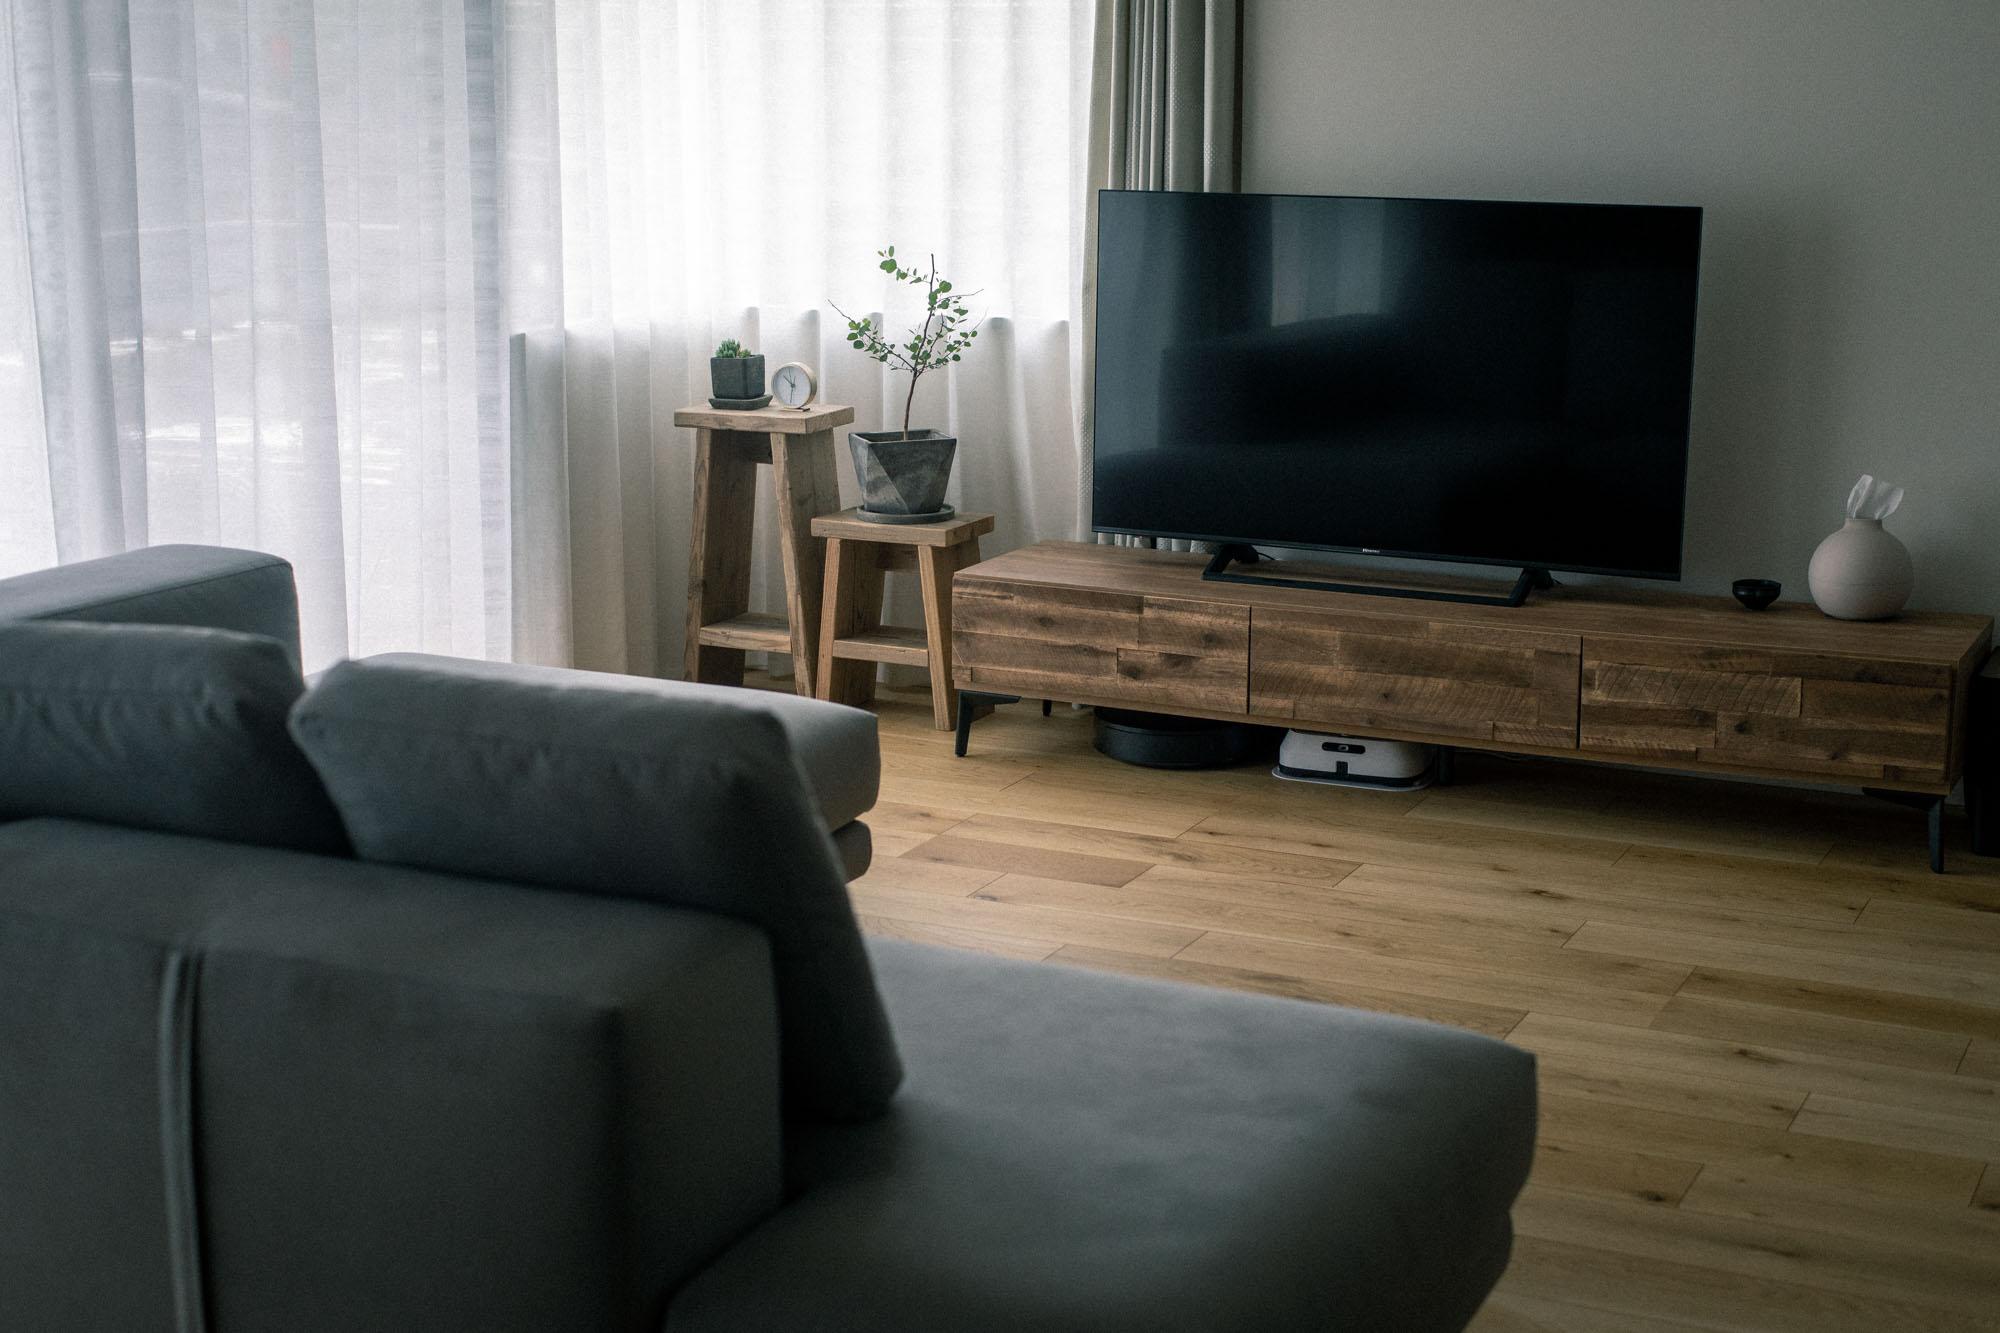 ソファの足はもともと木材、テレビボードの足はアルミ素材だったものを、アイアンペイントで塗装されているそう。このひと手間で格段に統一感が出て、無垢の床とも馴染む素敵な空間に。